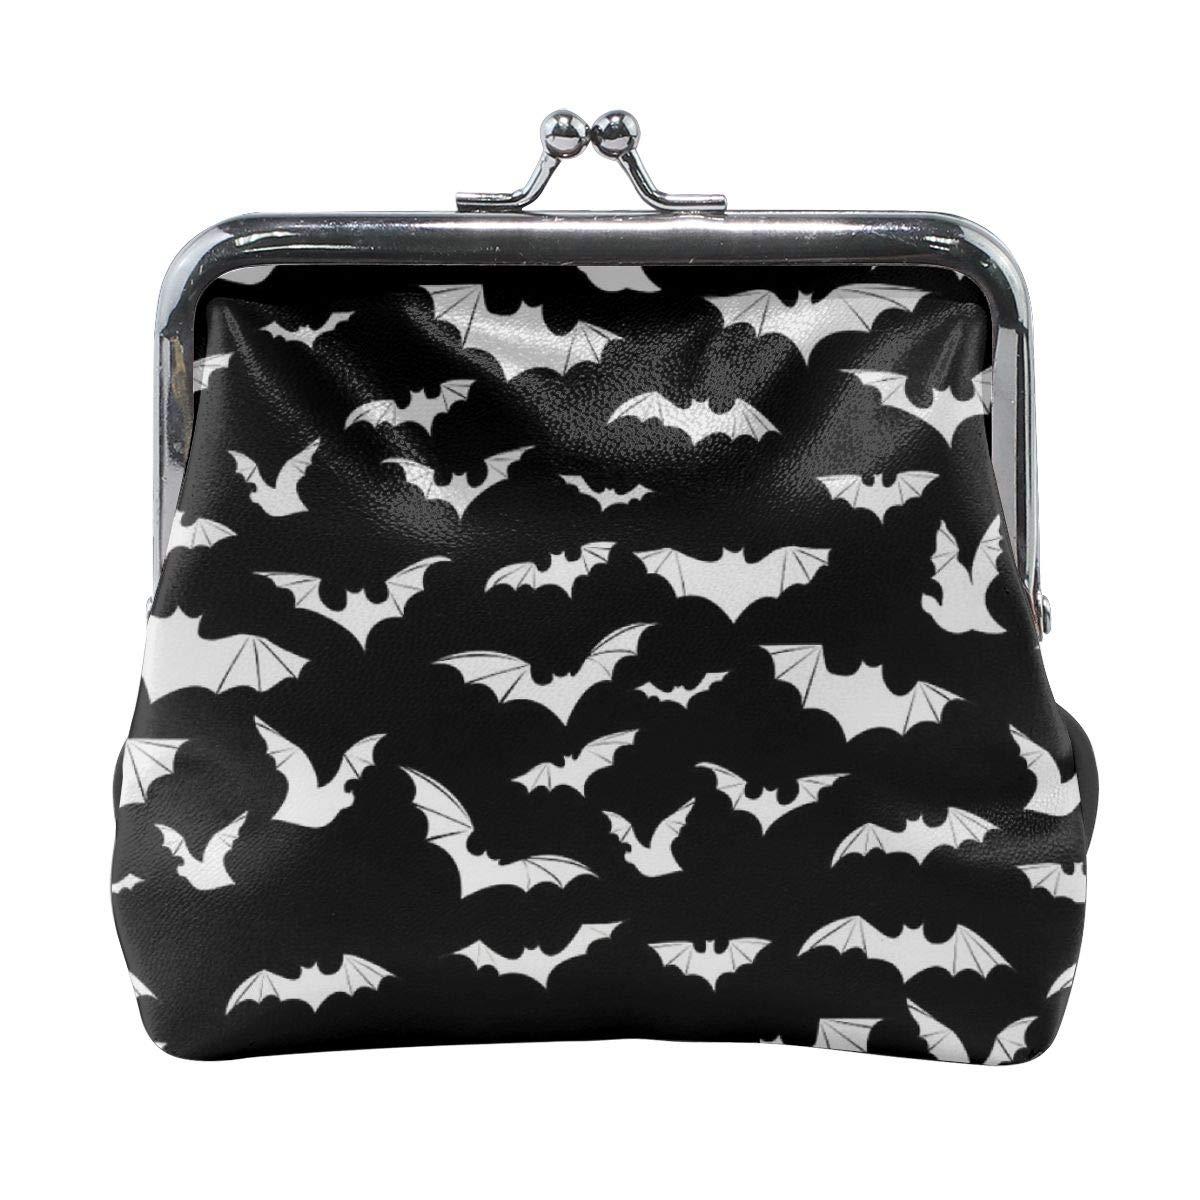 Women Flying Bat Buckle Coin Purses Mini Size Wallet